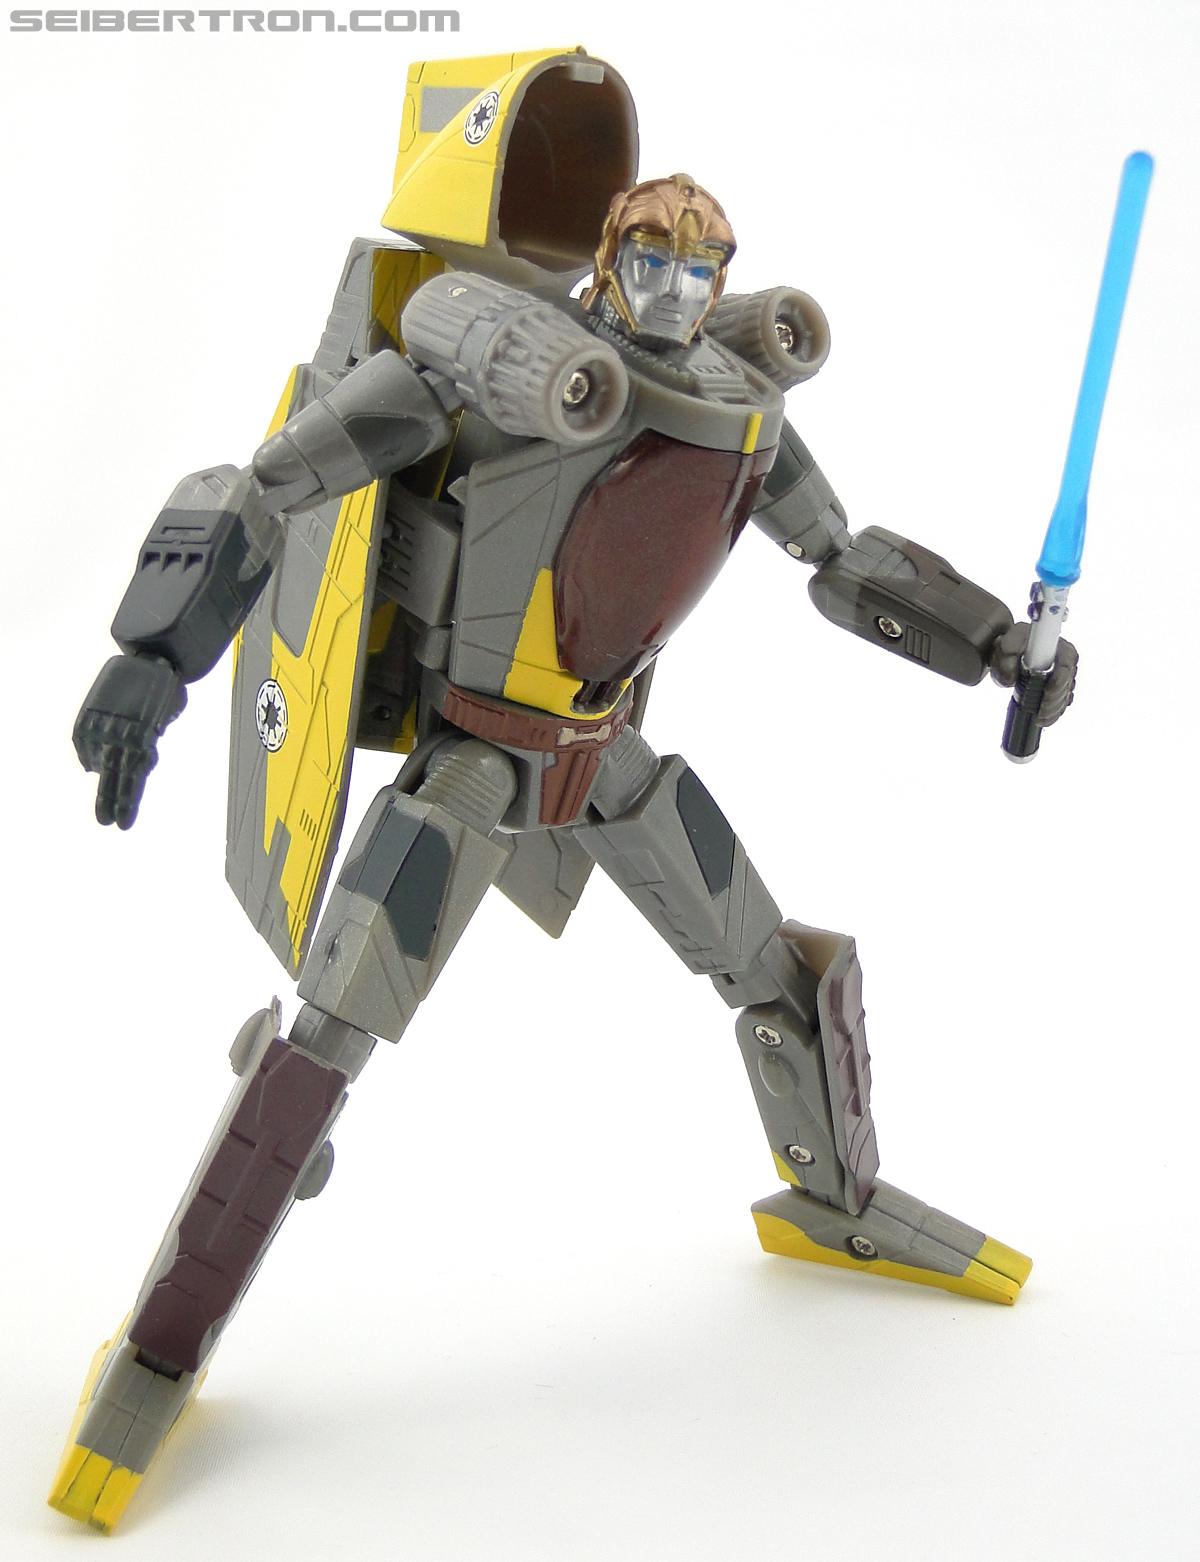 Star Wars Transformers Anakin Skywalker (Jedi Starfighter) (Image #70 of 108)